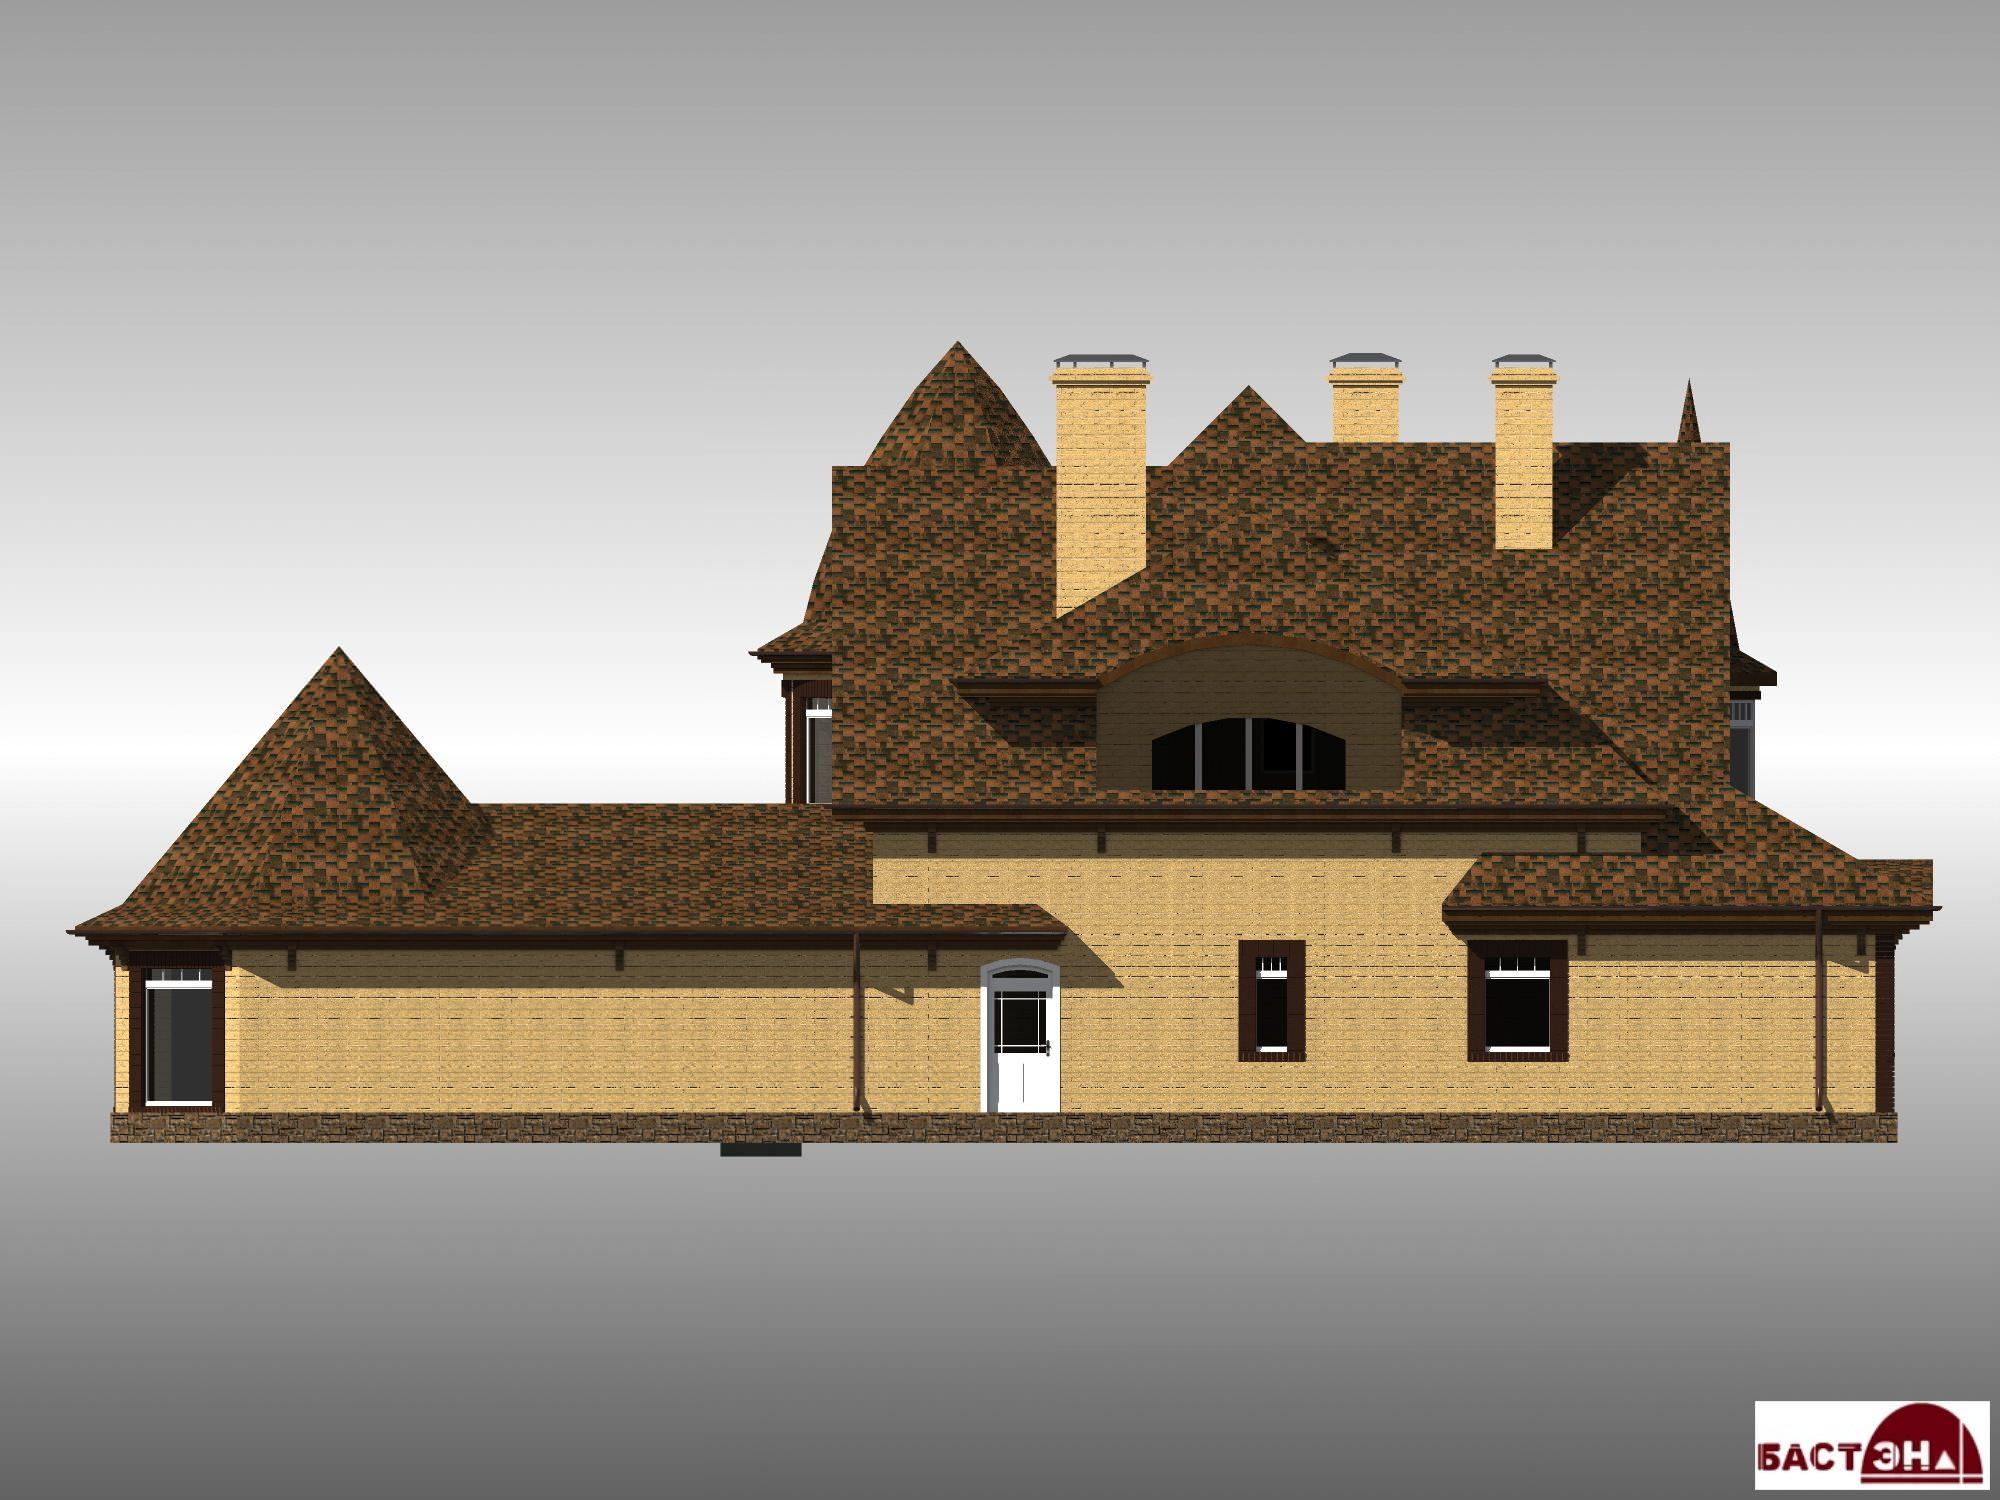 fasad-2-izmeneniya-v-tipovoi-proekt-l-243-4p.jpg